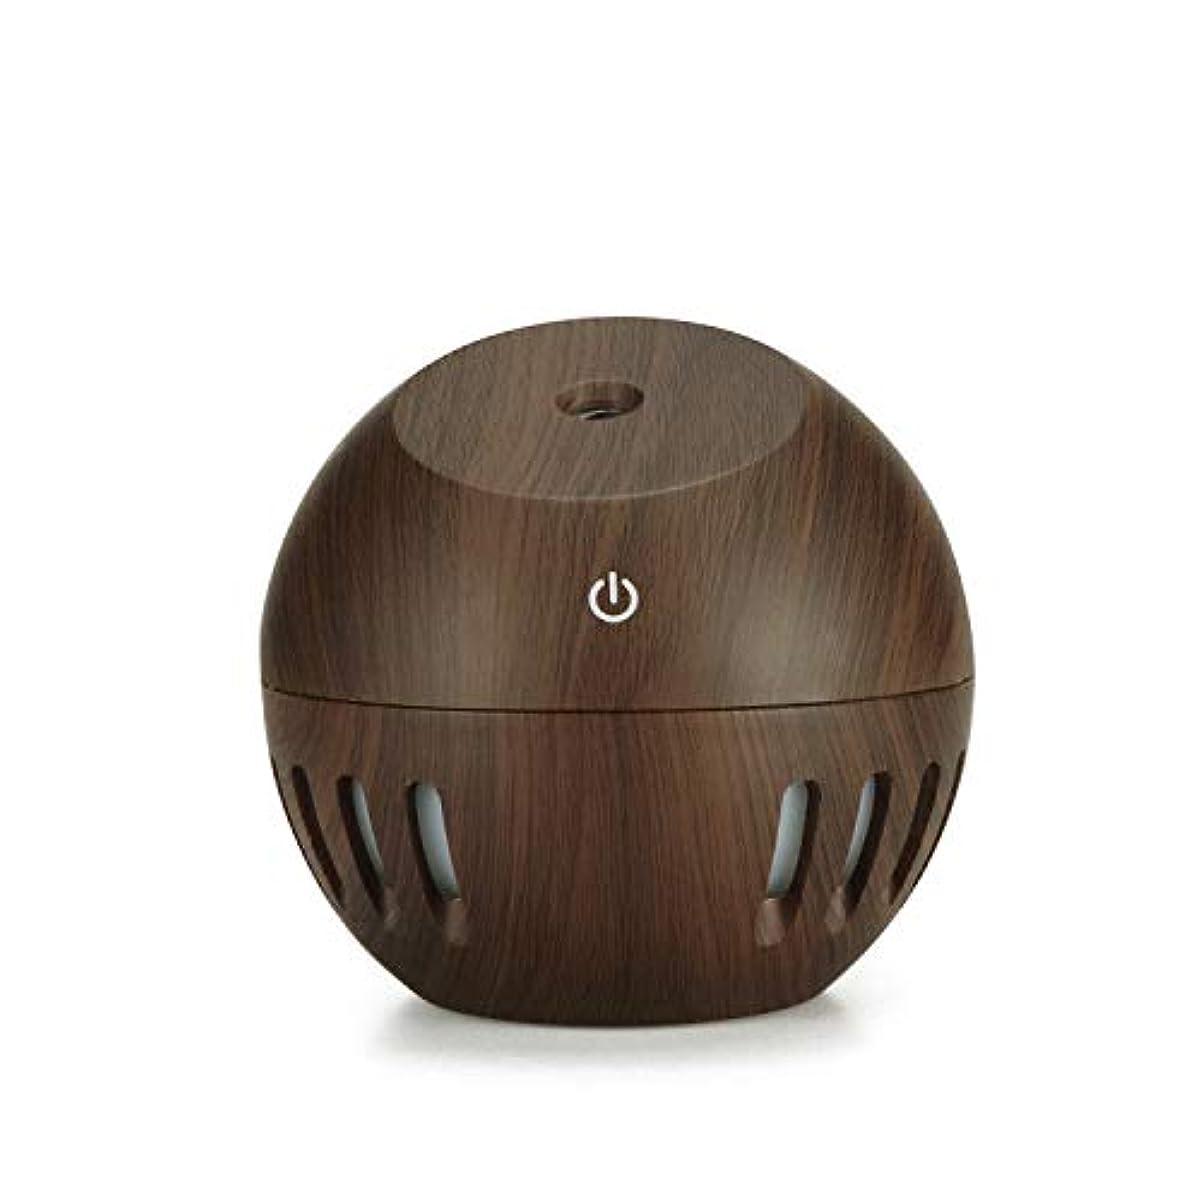 トラック穀物率直な130ml Essential Oils Diffuser Electric Cool Mist Aroma Diffuser For Home, Yoga, Bedroom